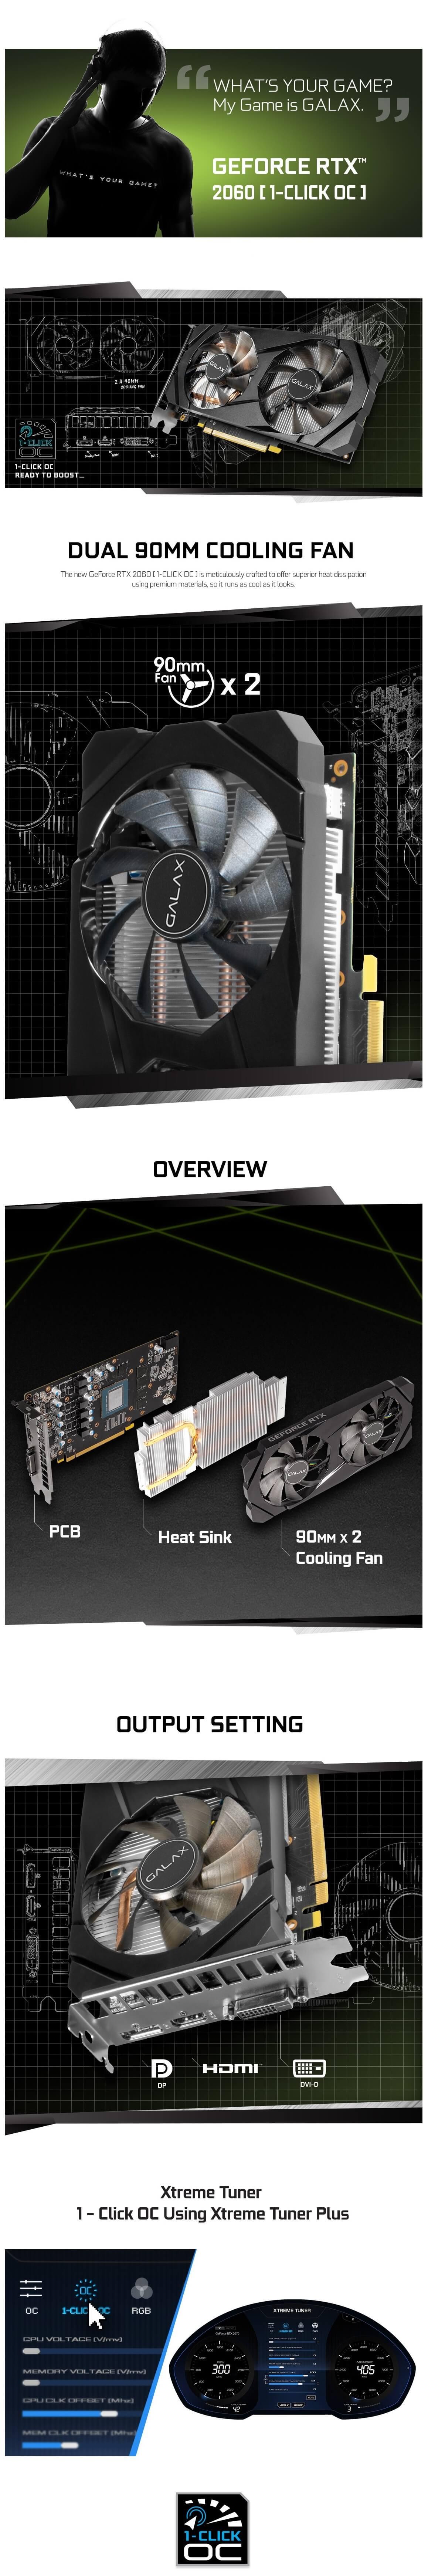 Galax RTX 2060 (1 Click OC) 6GB 7